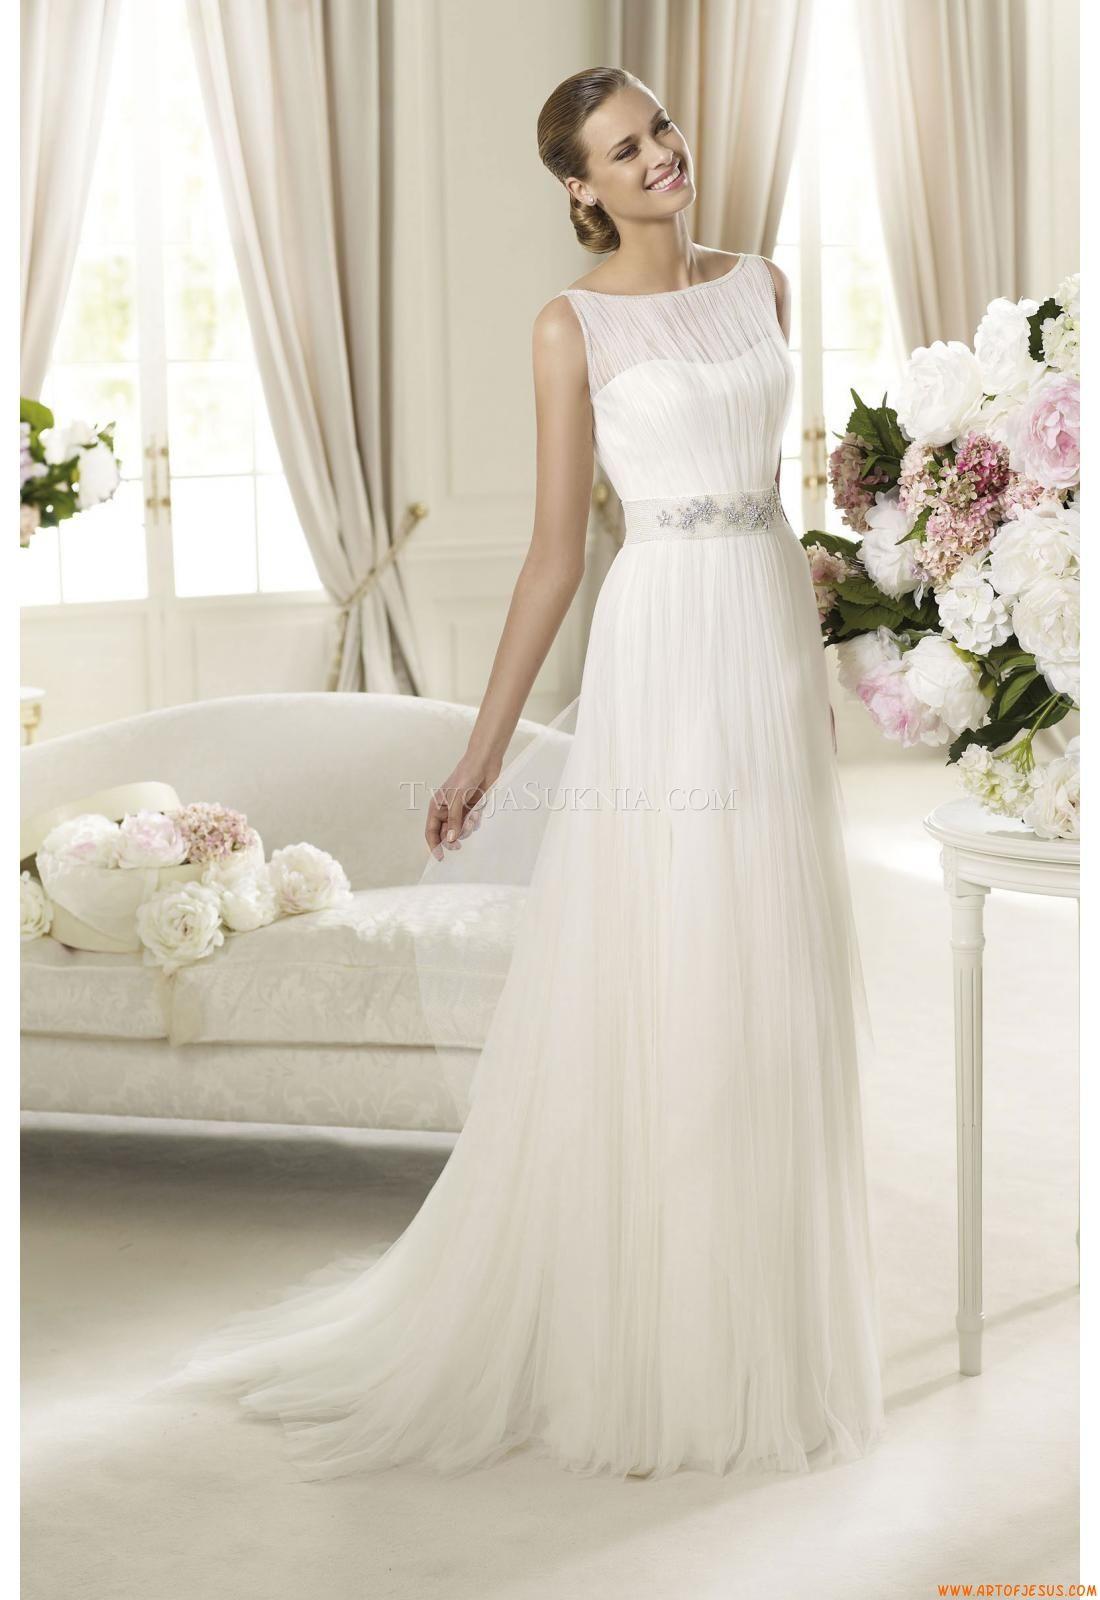 Wedding Dresses Pronovias Derby 2013 | Wedding Dresses Pronovias ...